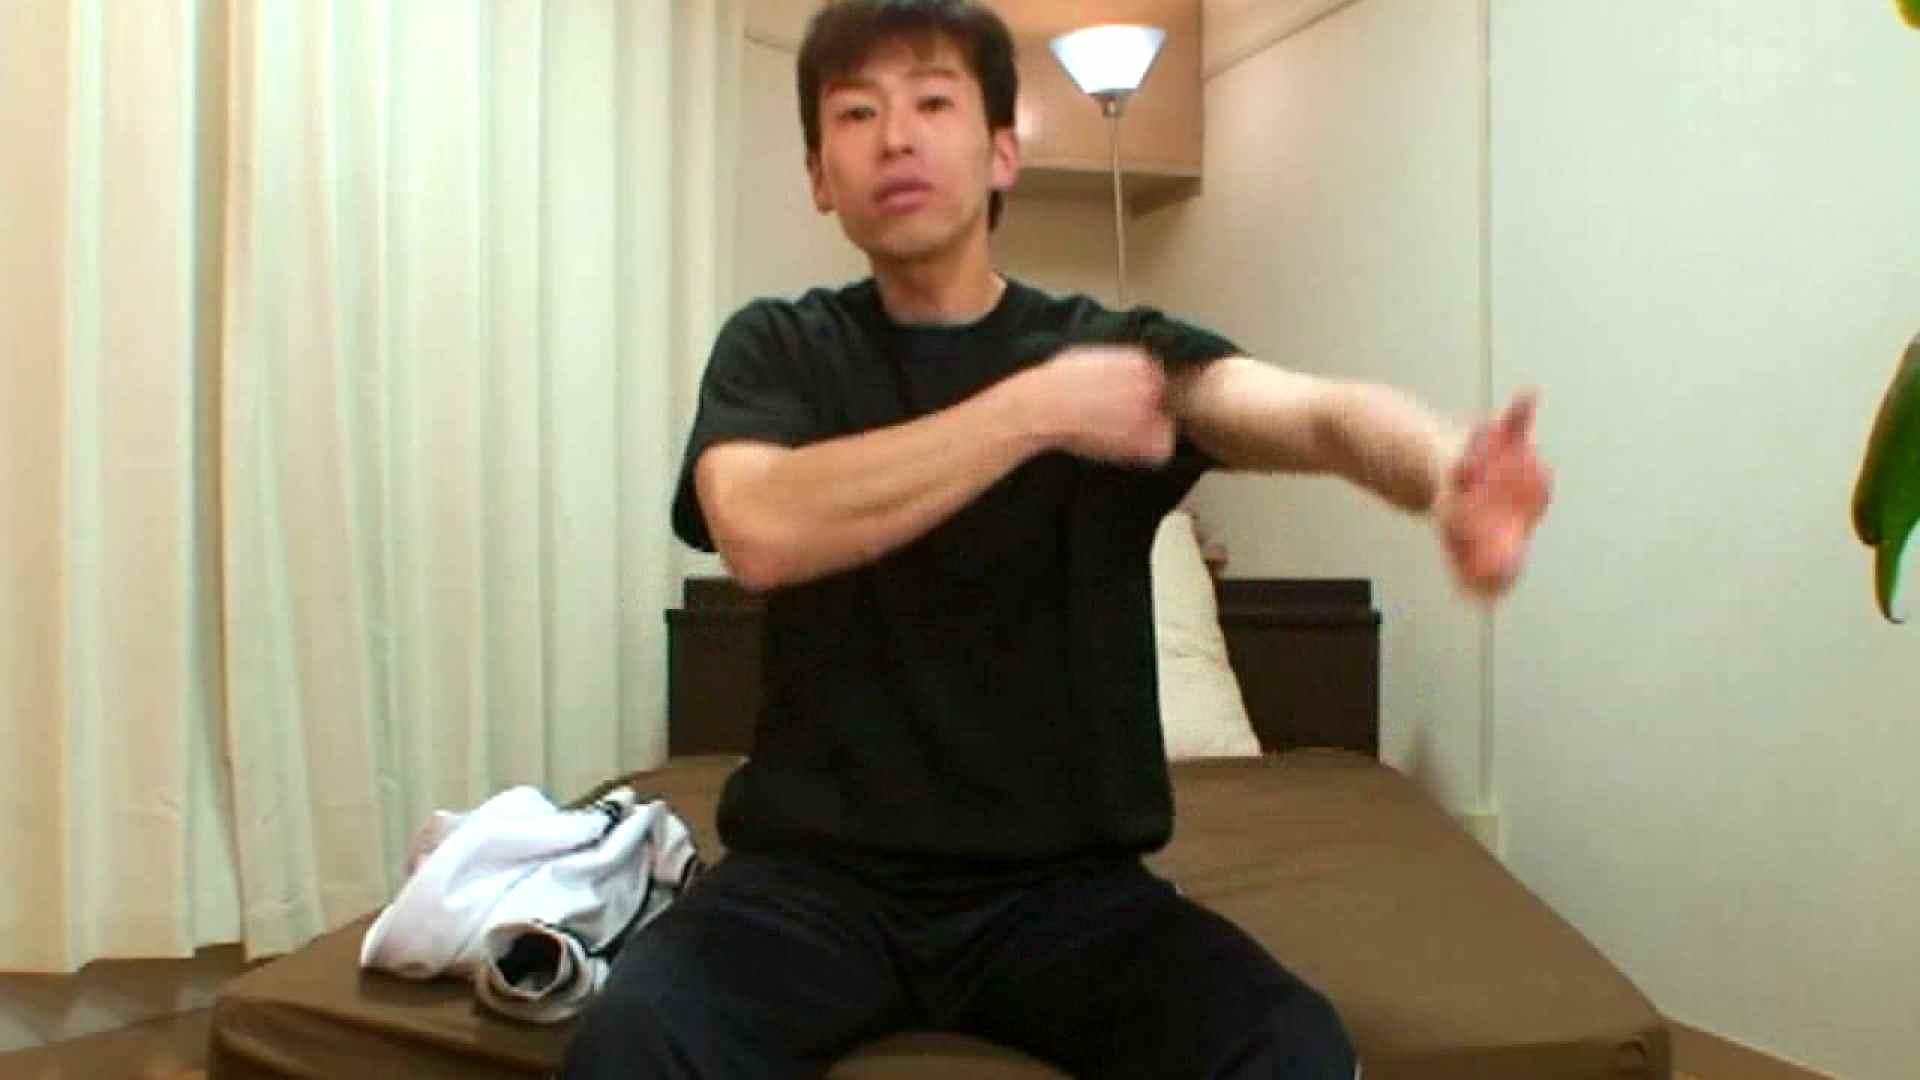 ノンケ!自慰スタジオ No.19 自慰  65画像 32